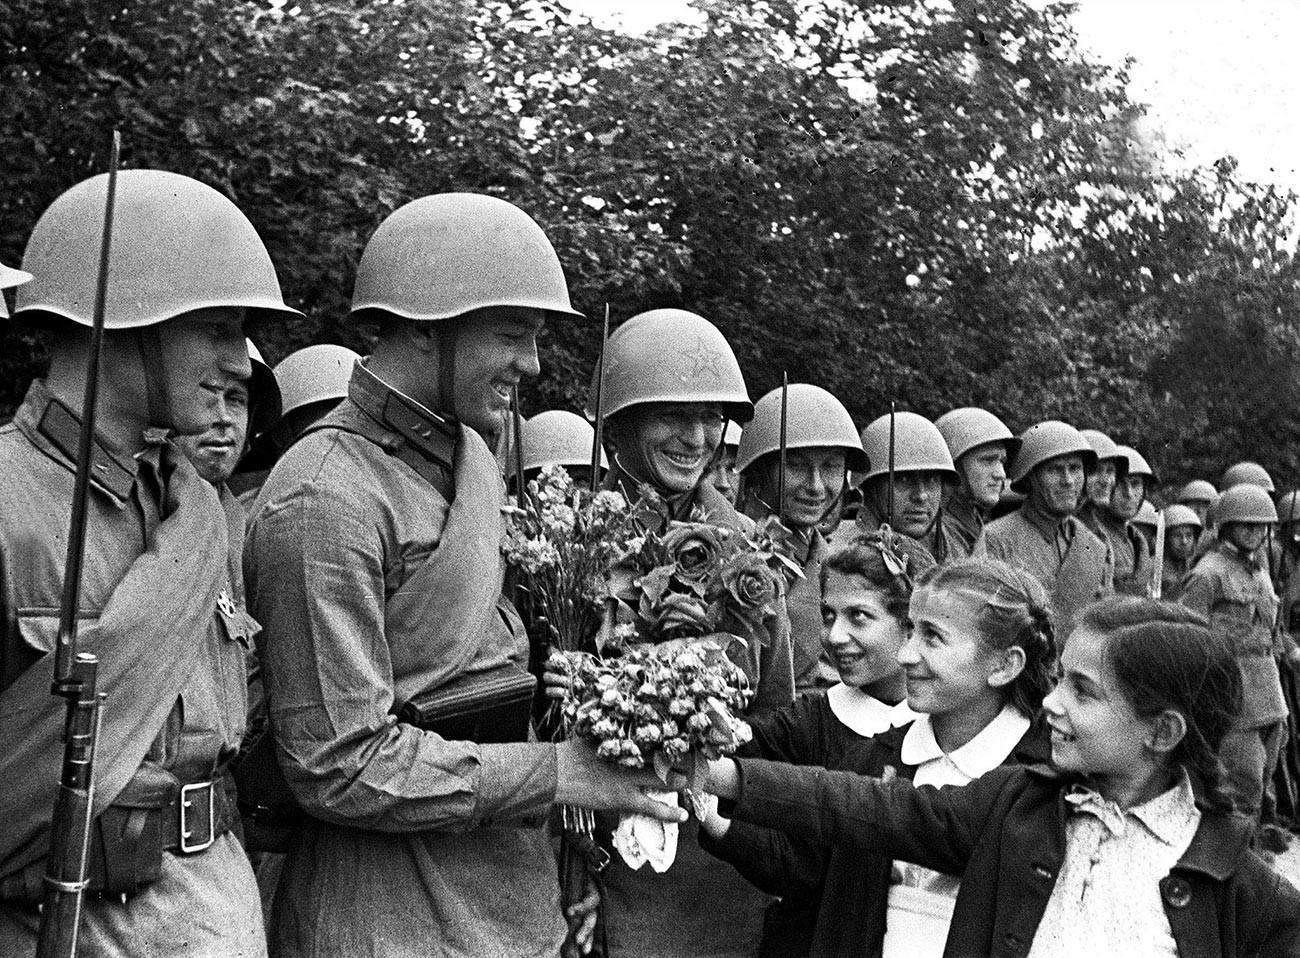 Бойцы Красной Армии и дети во время военного парада, посвященного присоединению Бессарабии и Северной Буковины к СССР, Кишинев, 4 июля 1940 г.